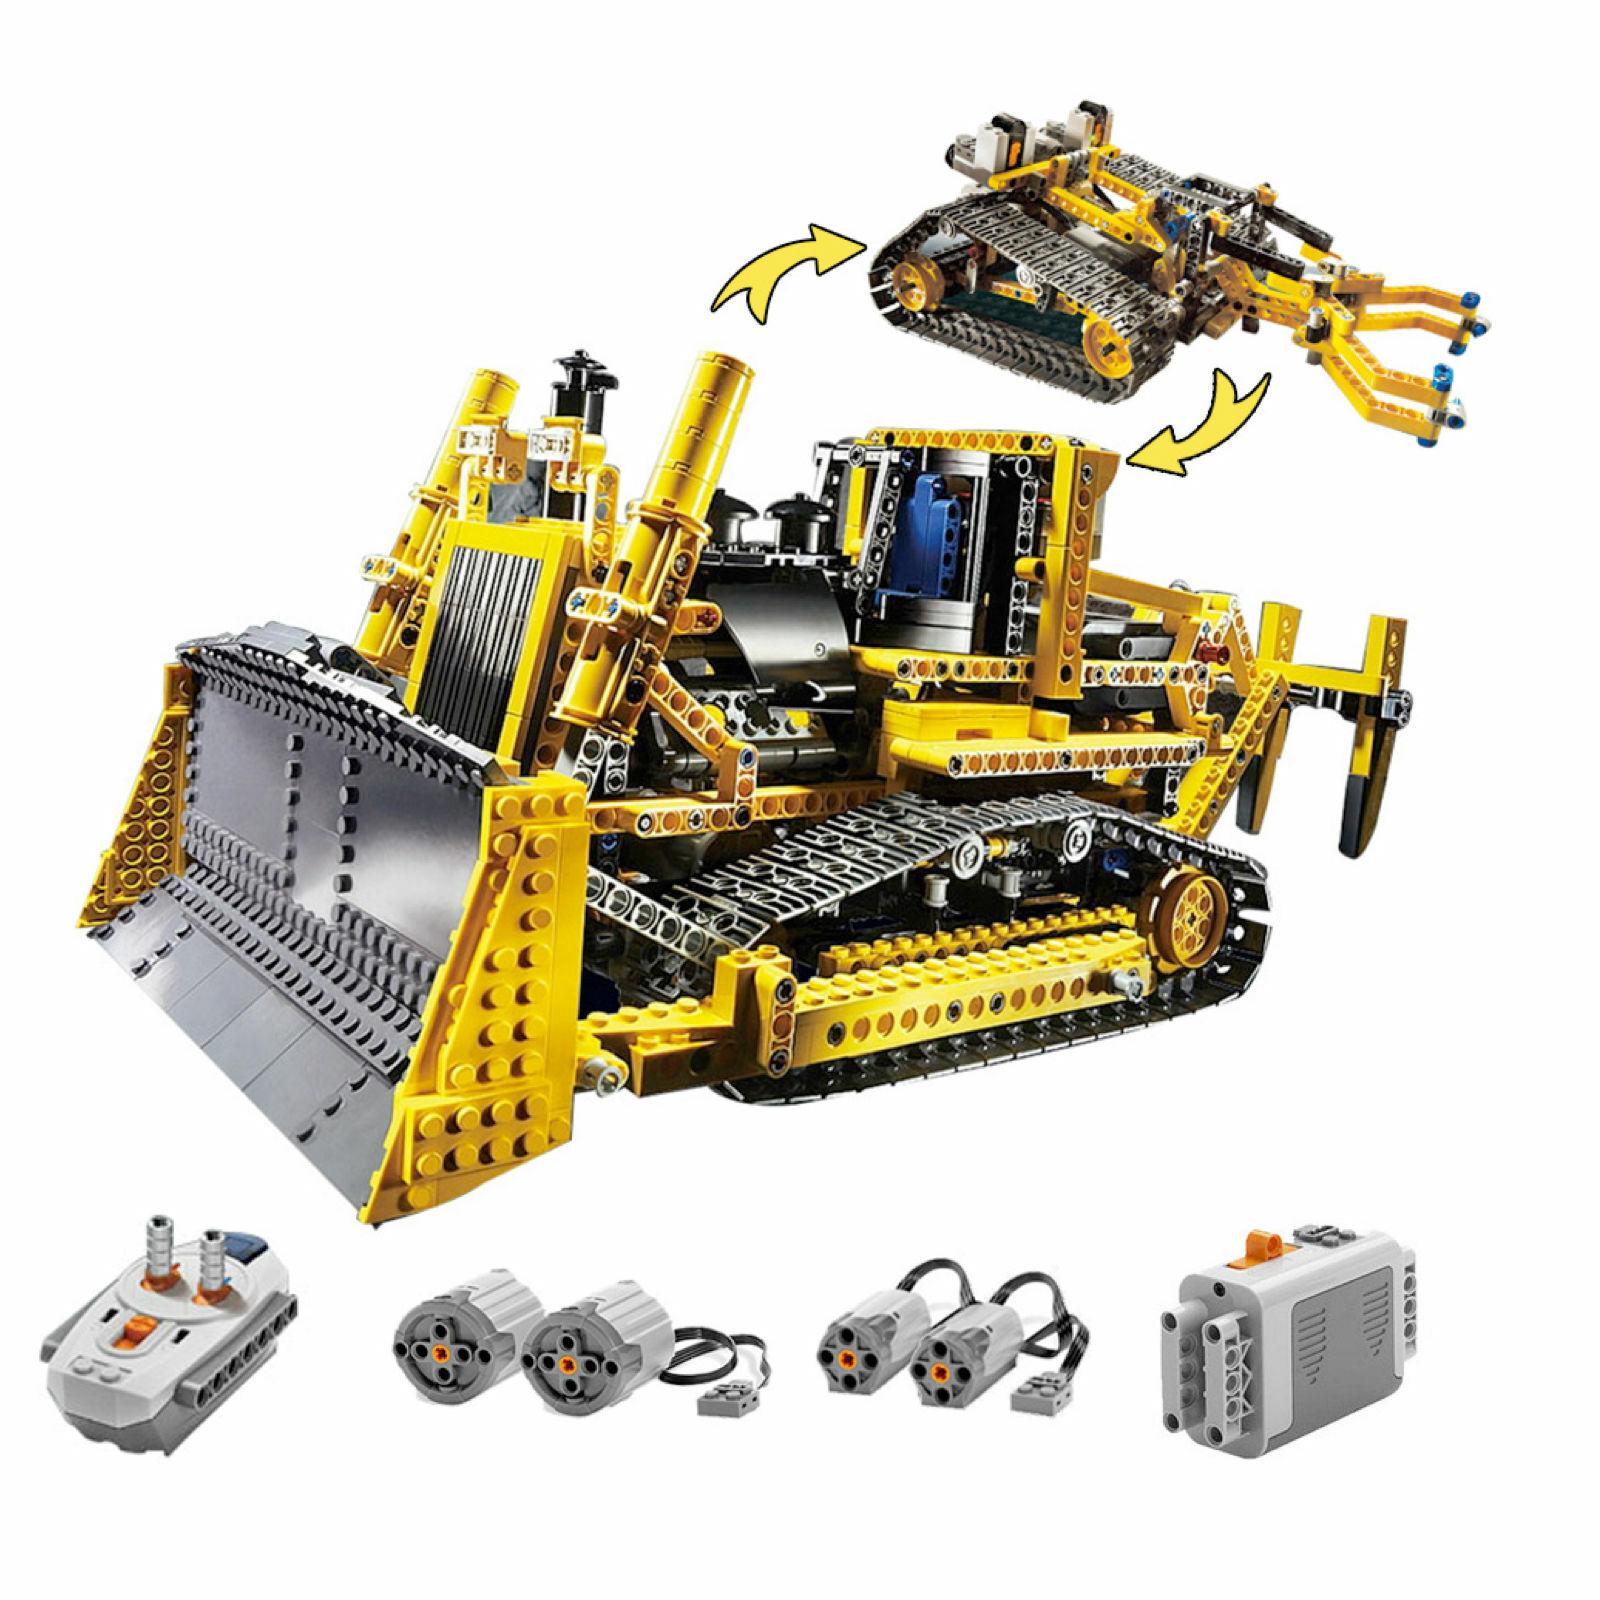 Compatibile con Lego Technic 8275 Bulldozer RADIOCOuomoDATO motorizzata modellololo palazzo   edizione limitata a caldo